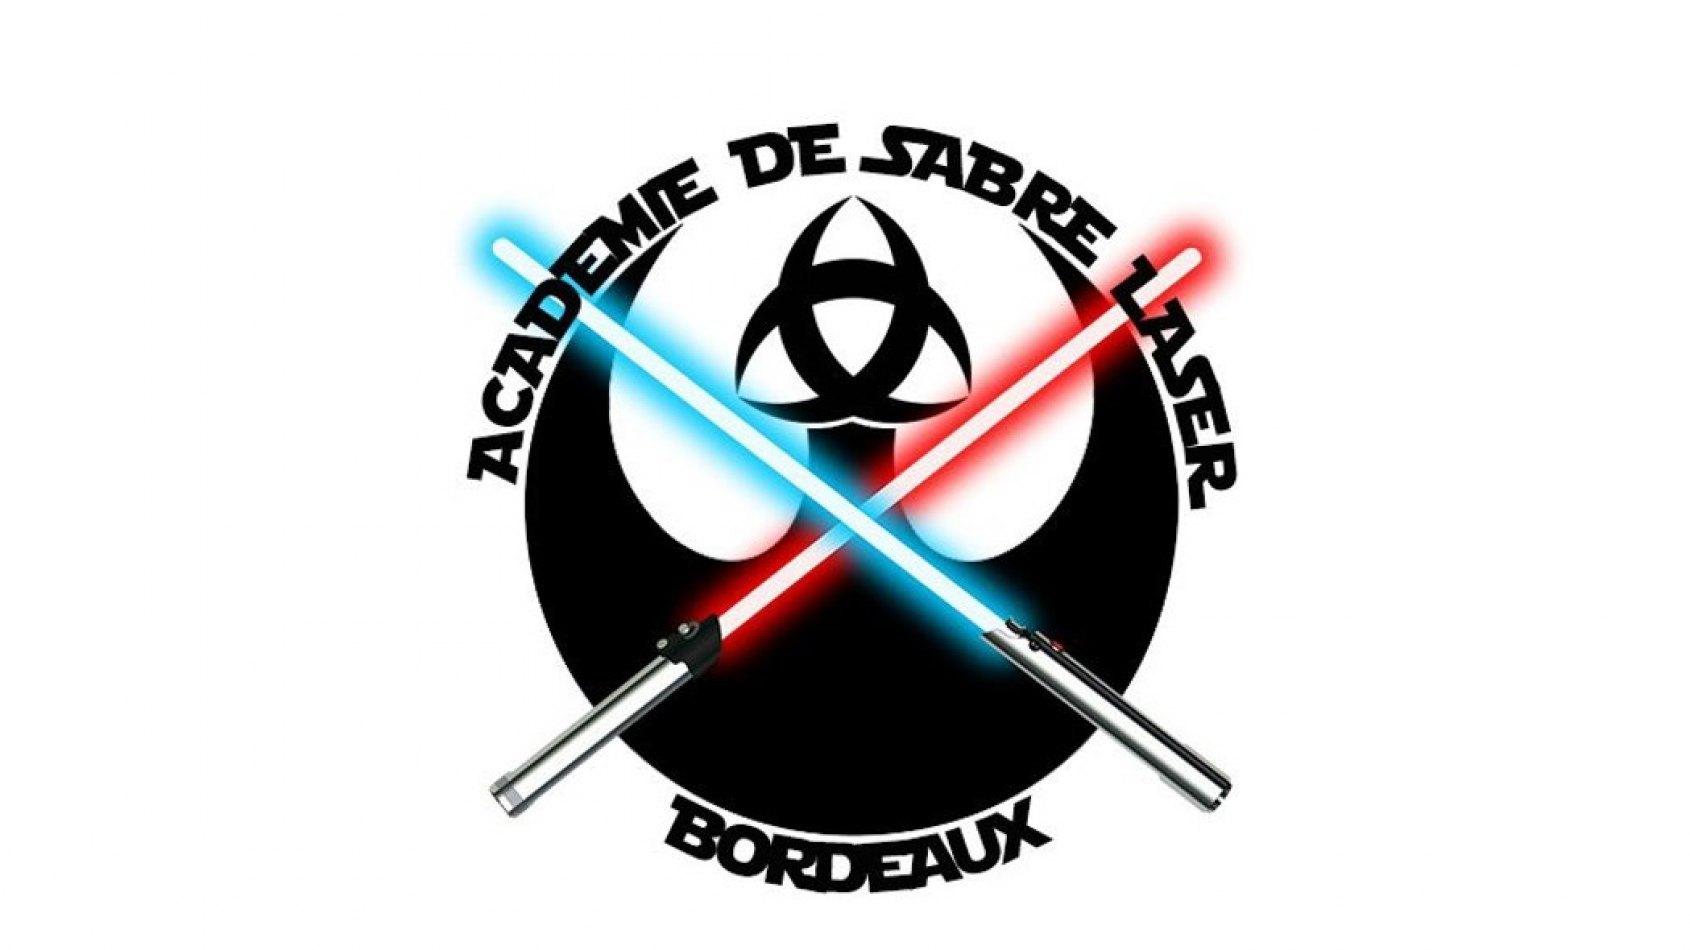 Ouverture d'une Académie de Sabre Laser sur Bordeaux